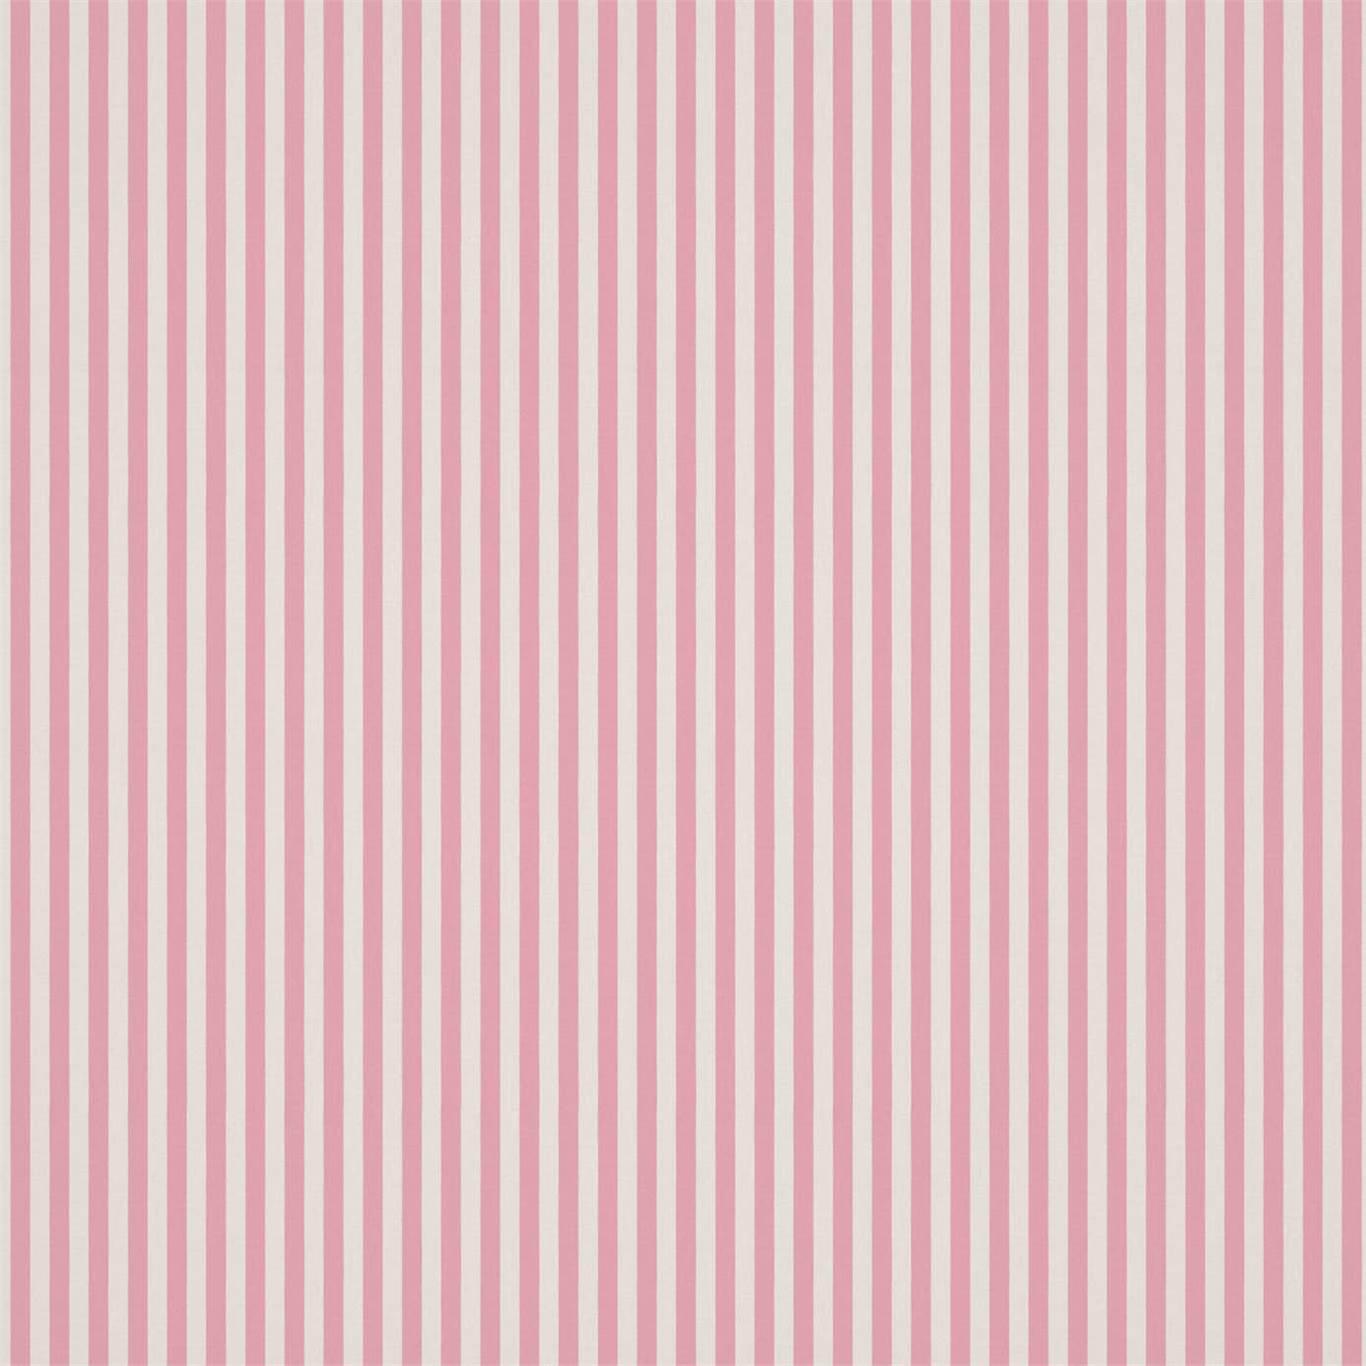 Carnival Stripe by HAR